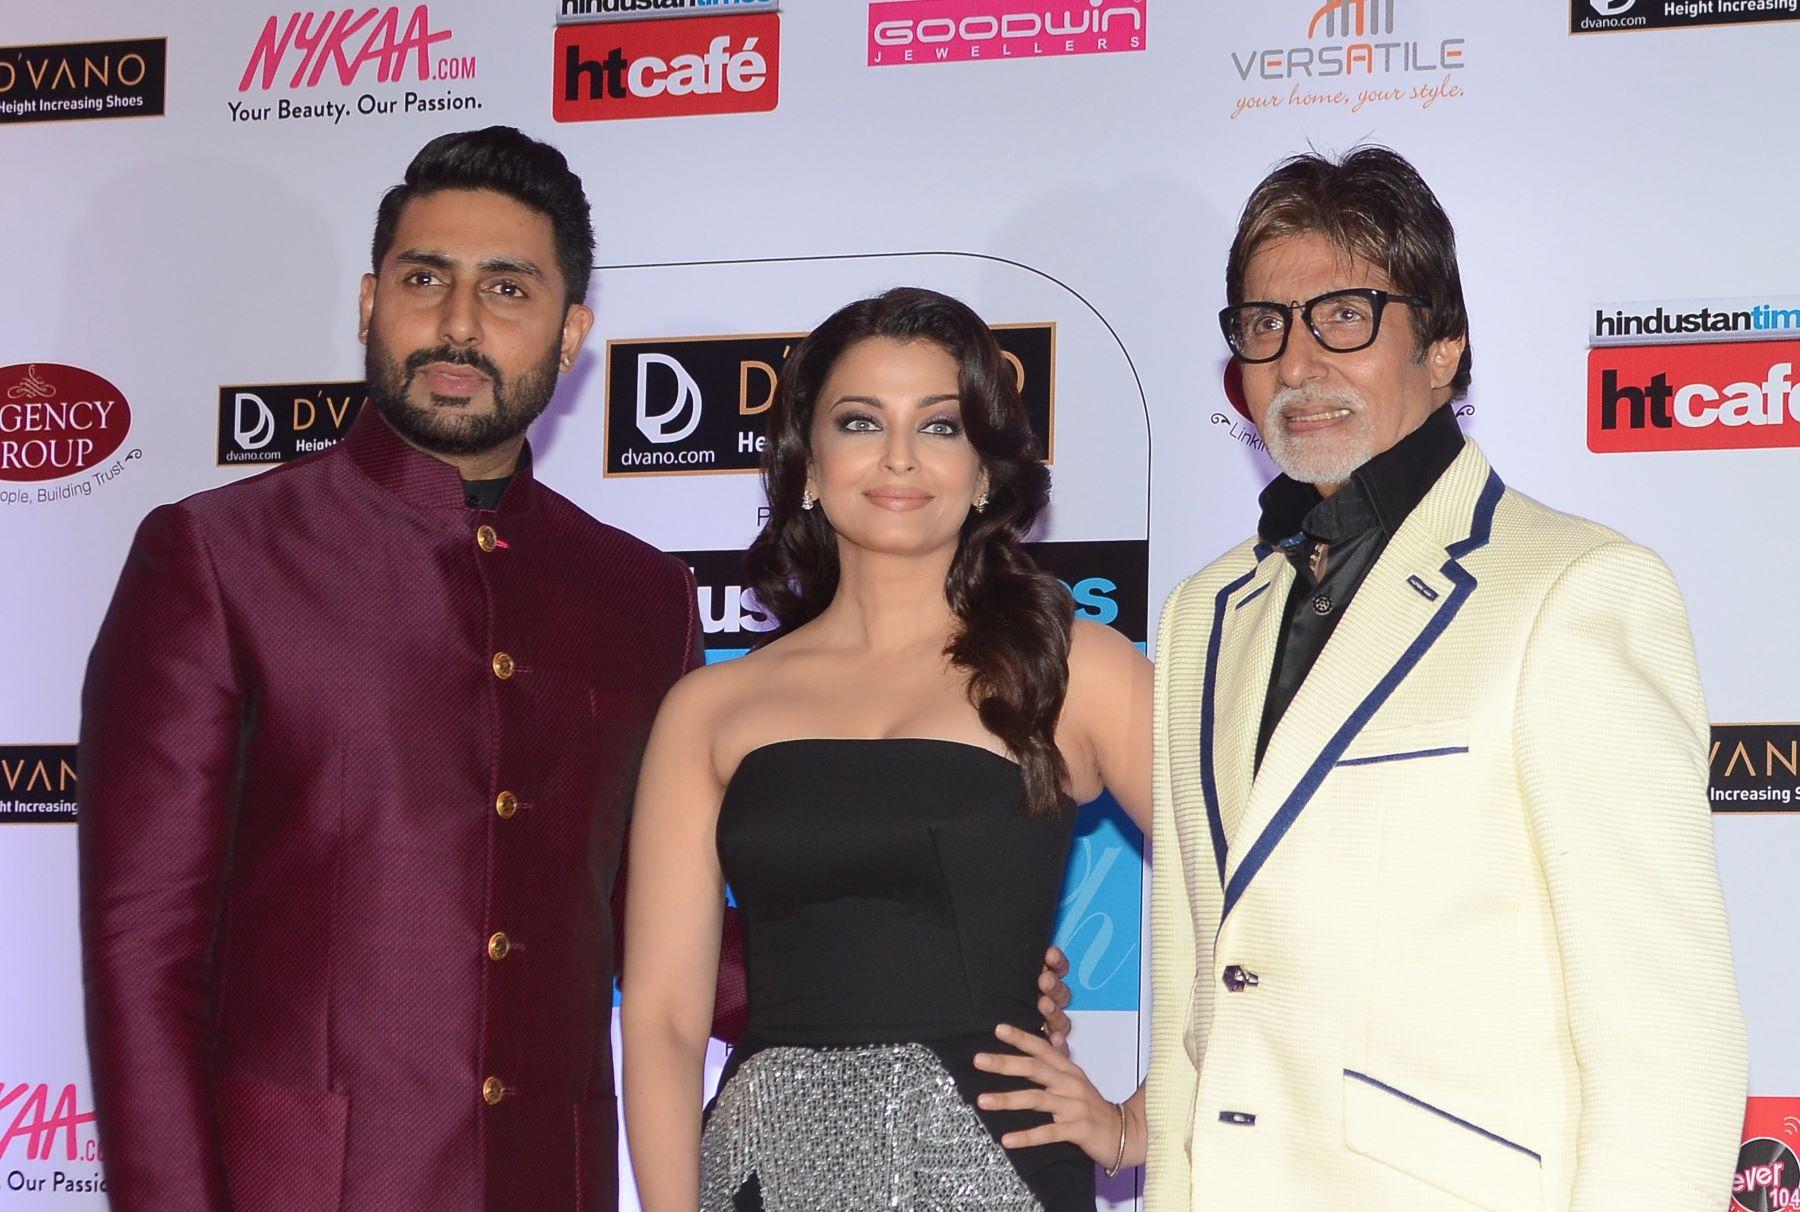 Bollywood Legend Amitabh Bachchan and Son Abhishek Tweet...